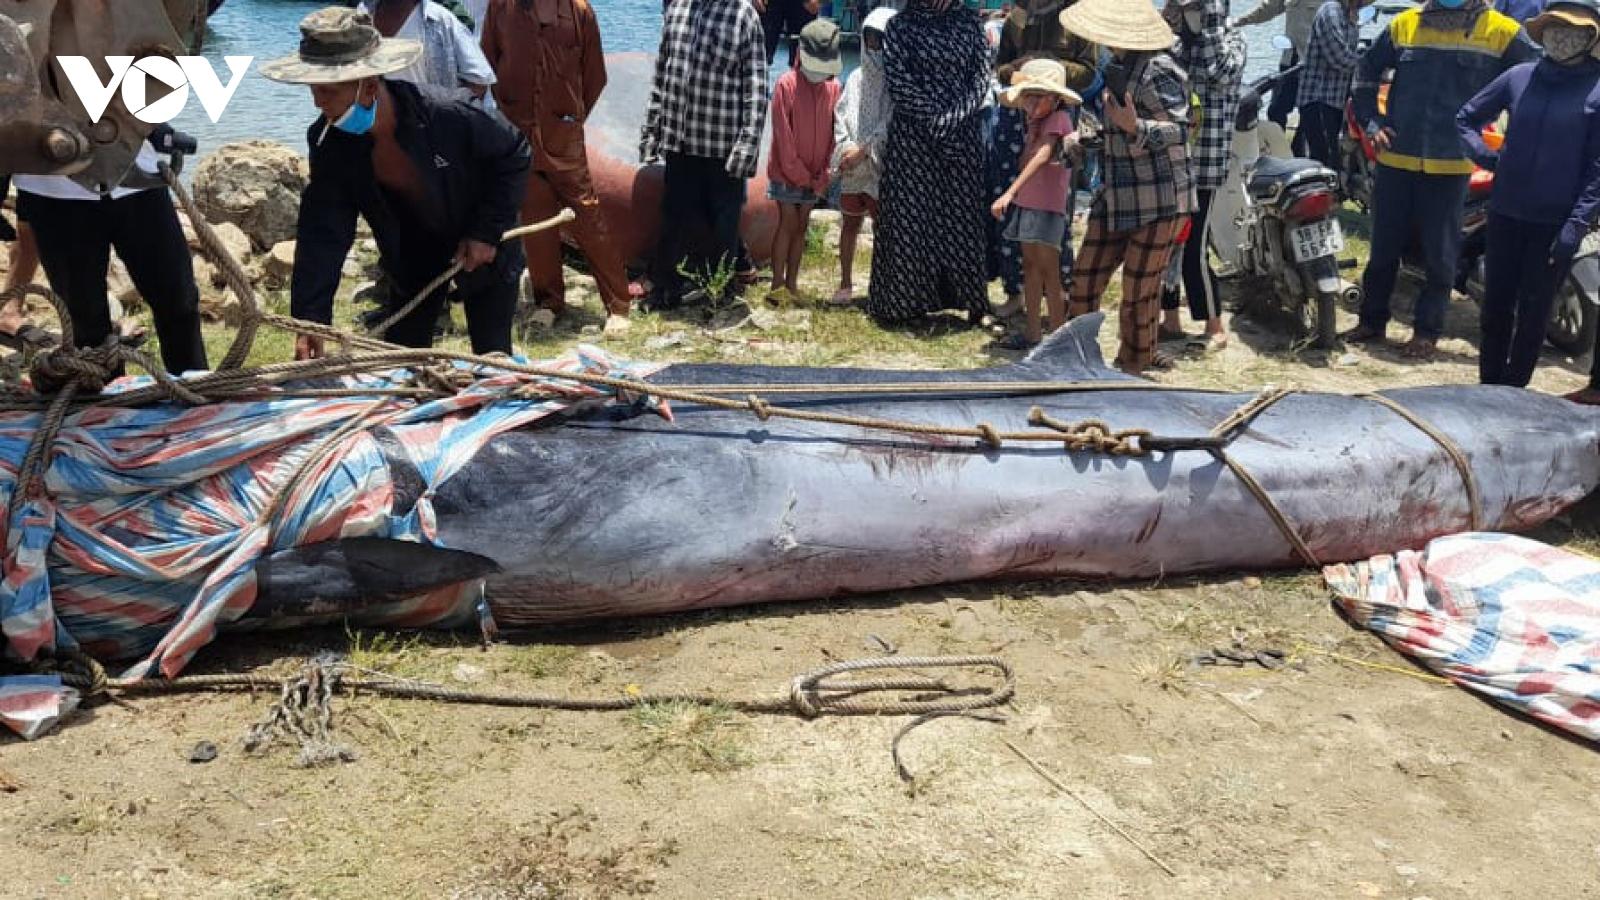 Xác cá voi dài khoảng 7m dạt vào bờ biển ở Hà Tĩnh